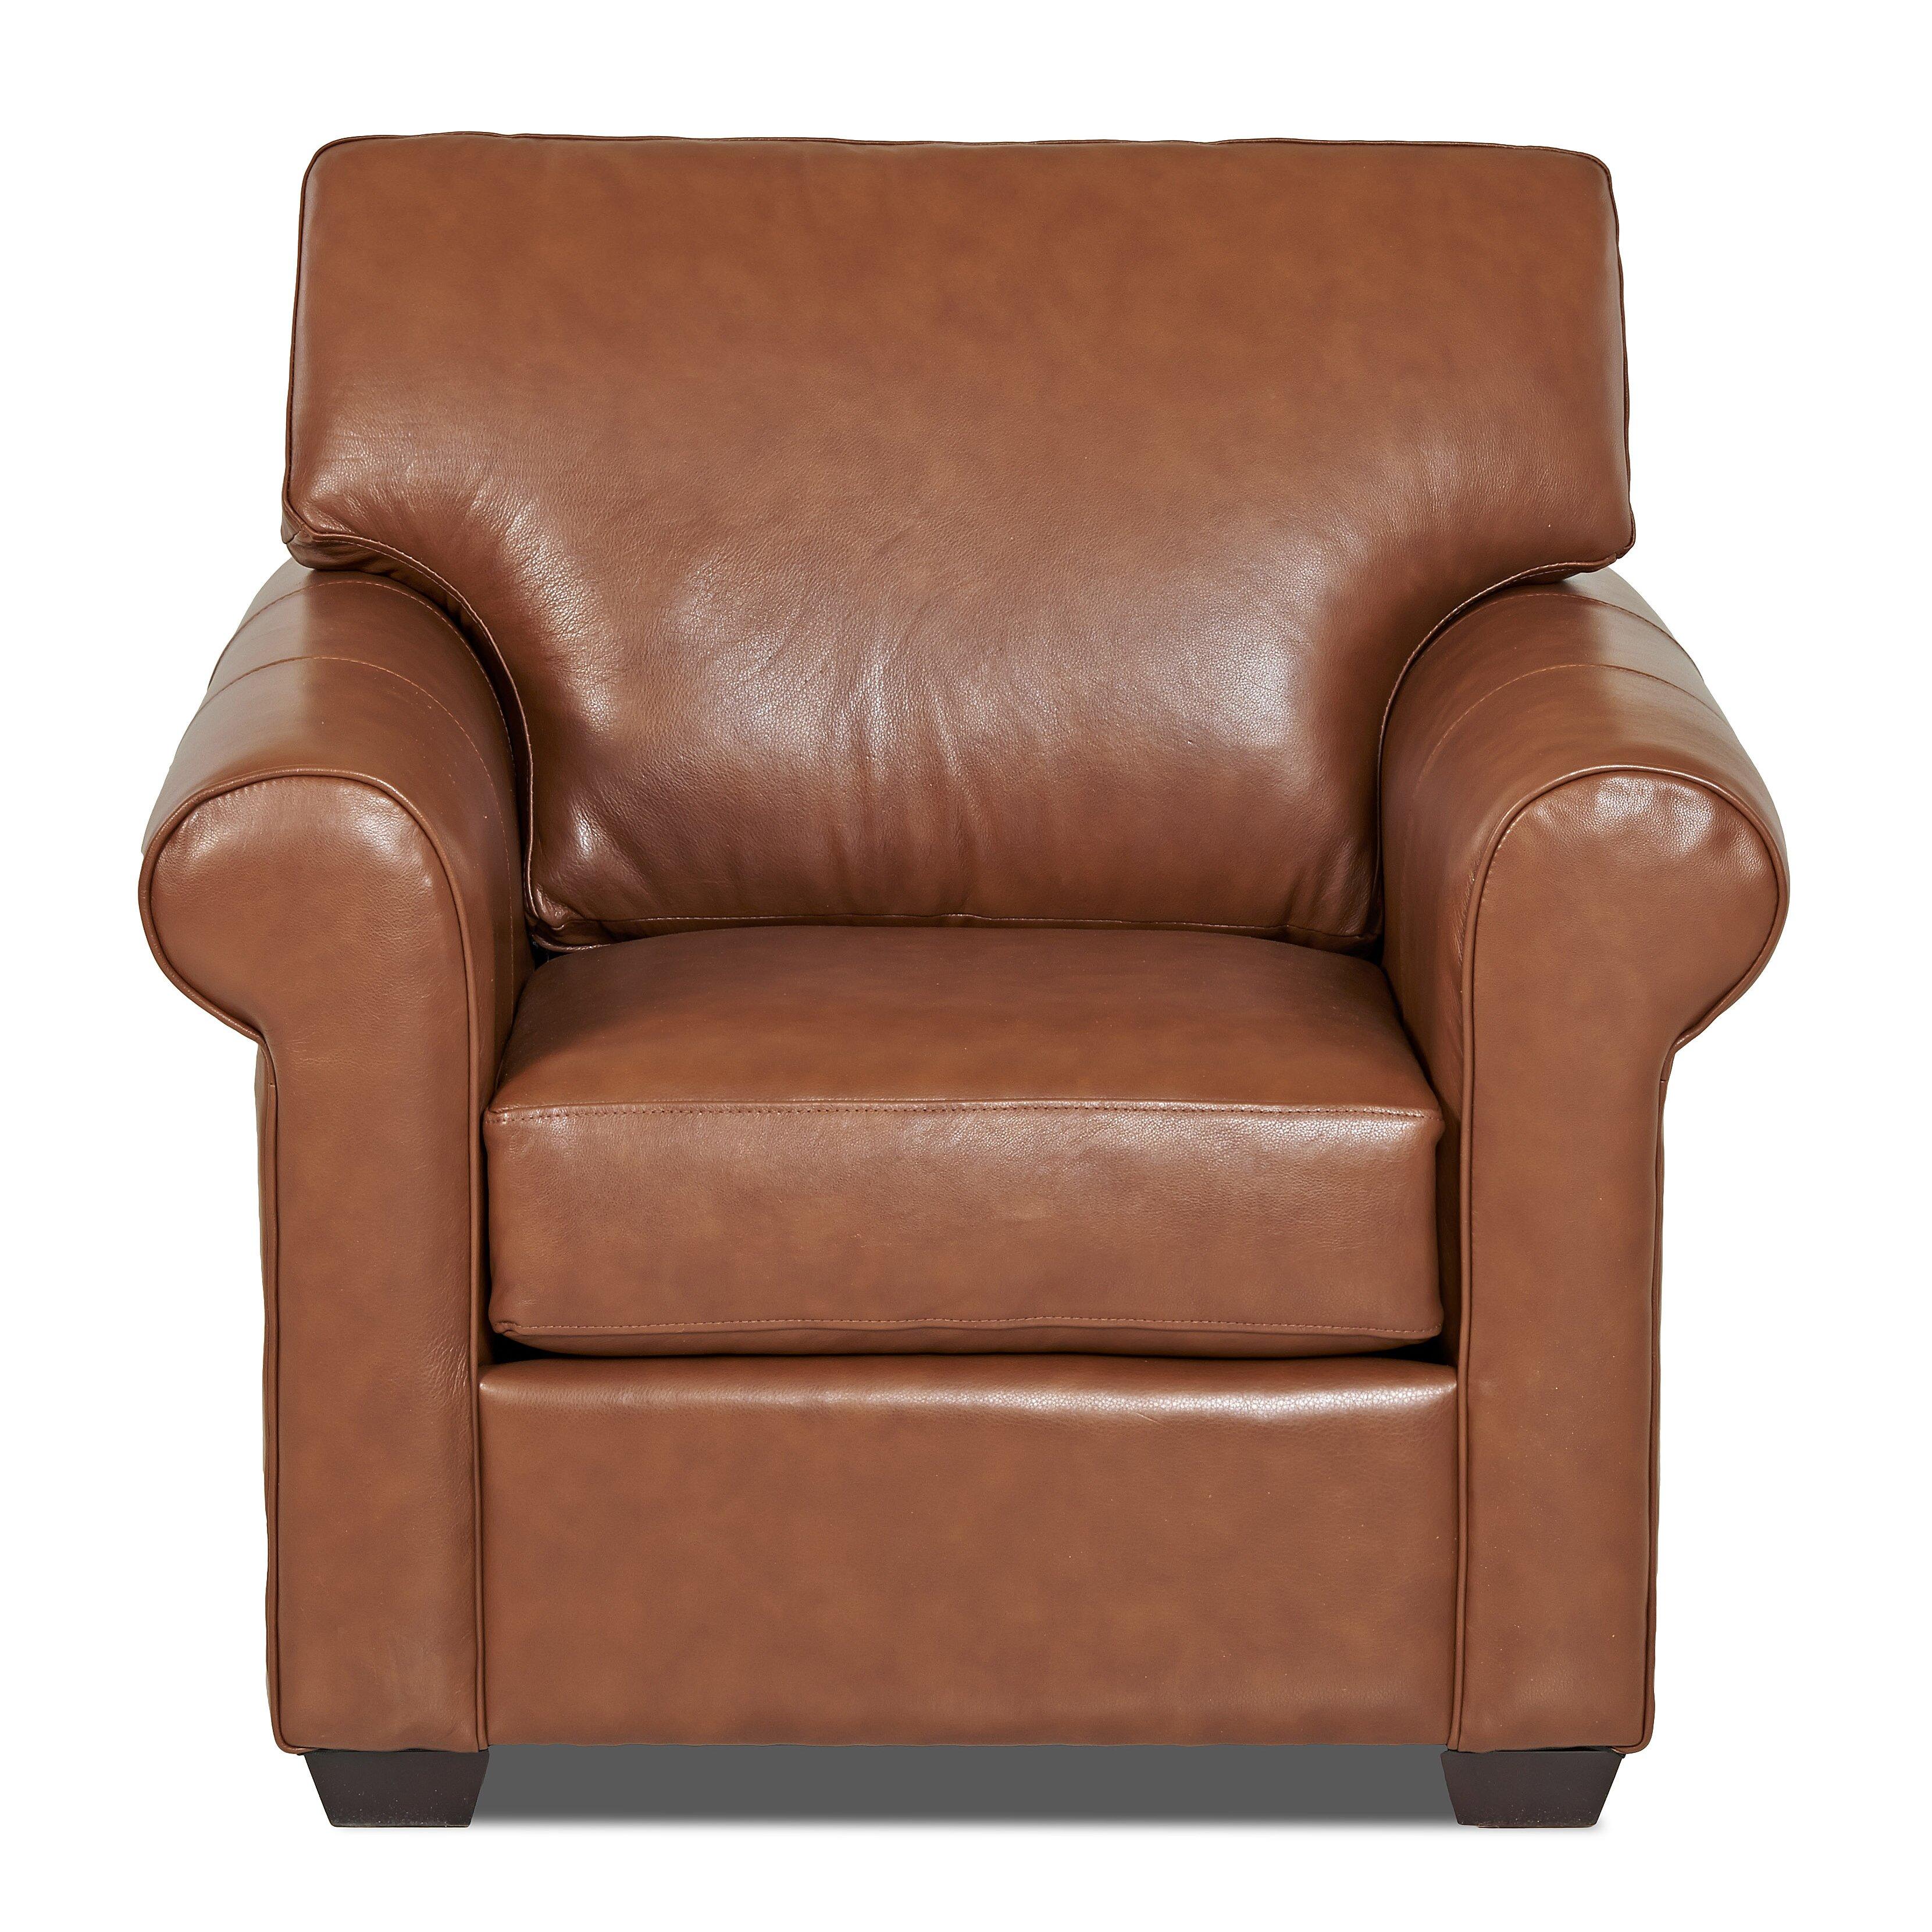 Wayfair Custom Upholstery Rachel Leather Arm Chair ...